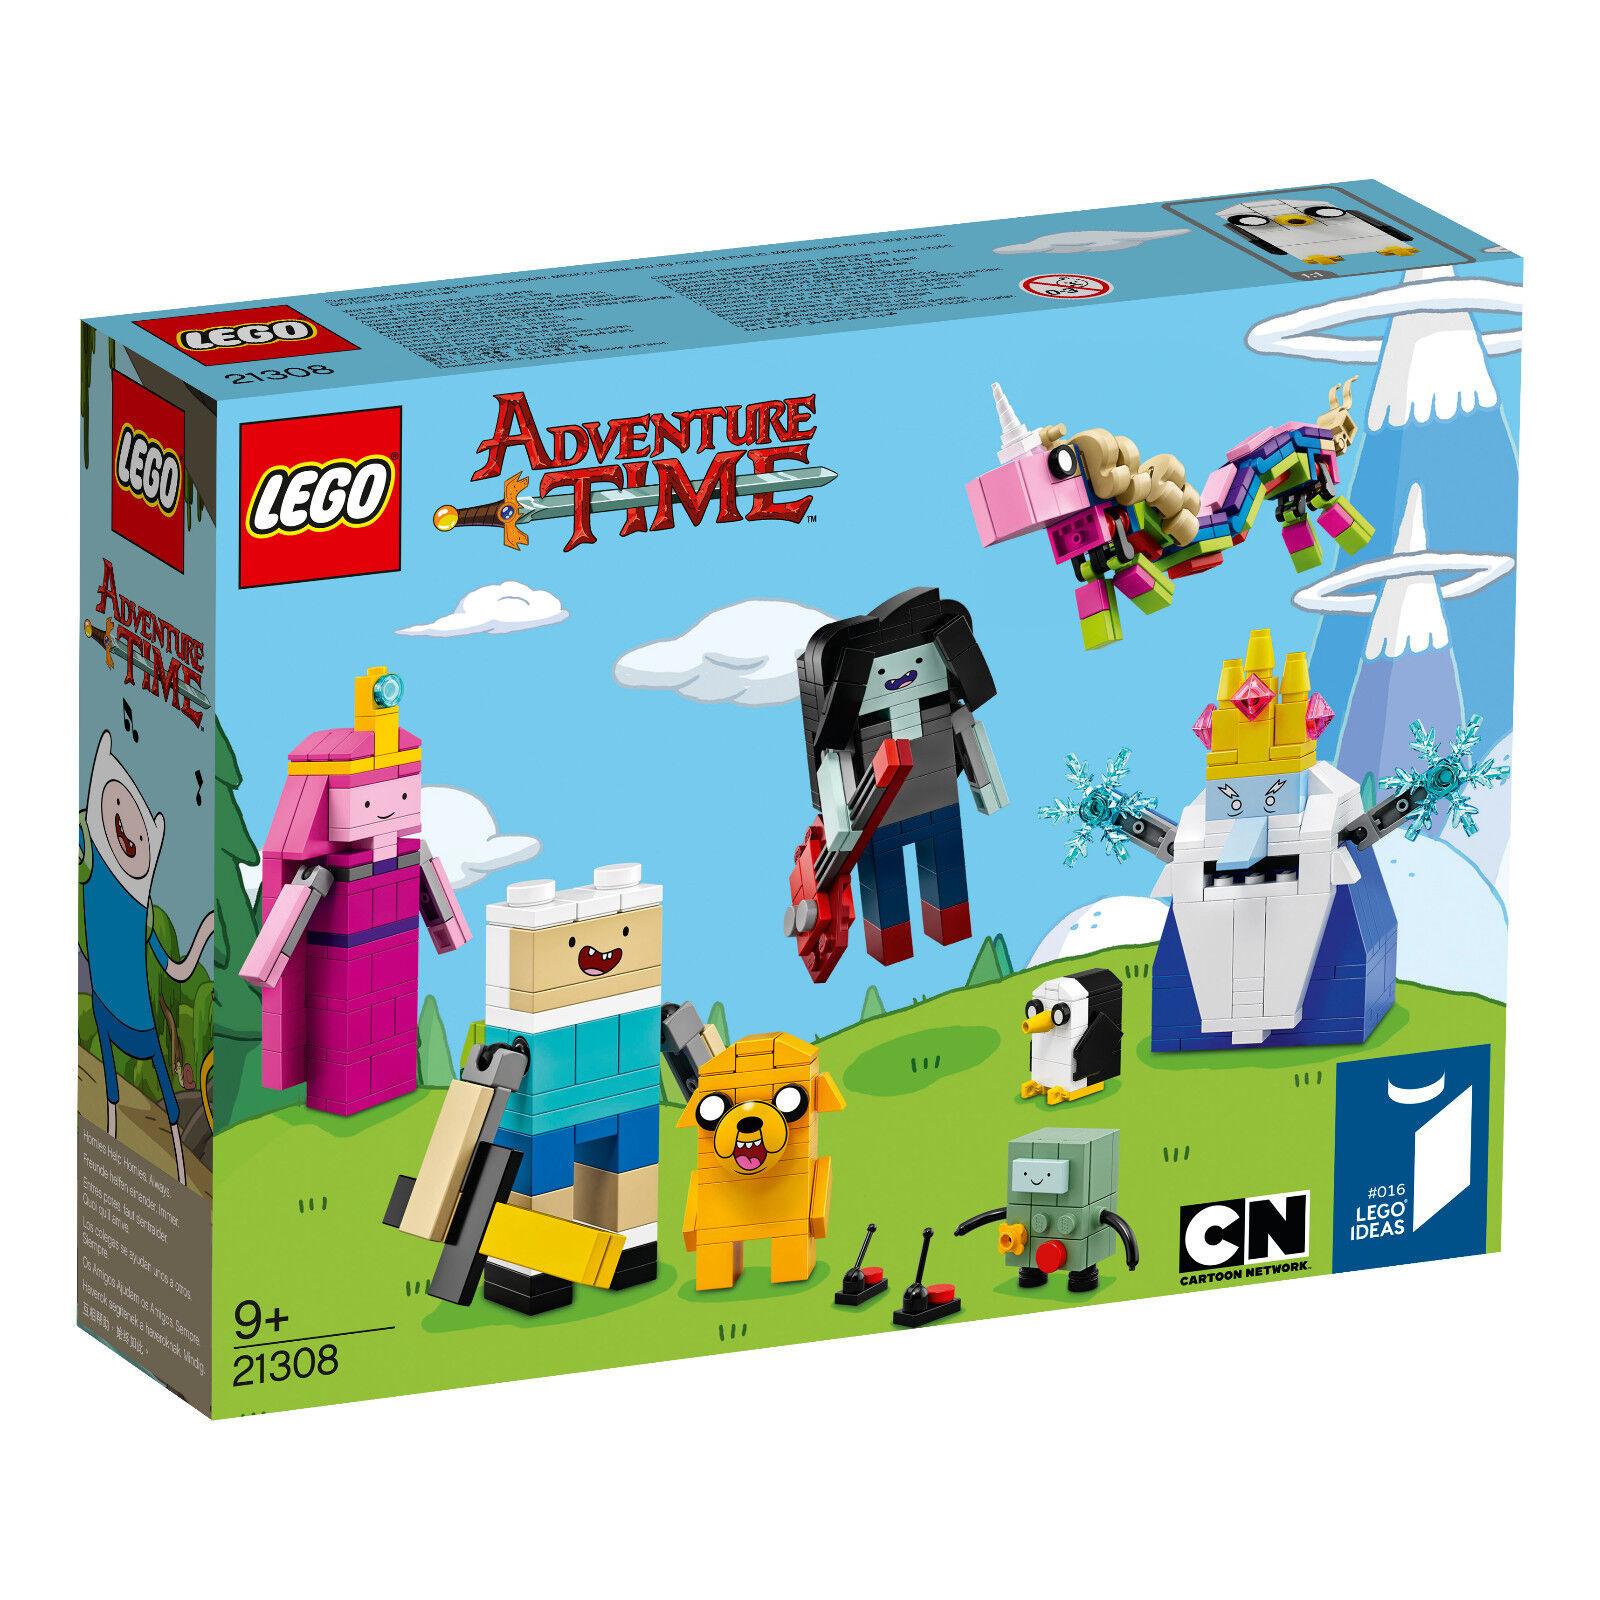 Lego Lego Lego Ideas 21308 Adventure Time New - Sealed a0e3f3